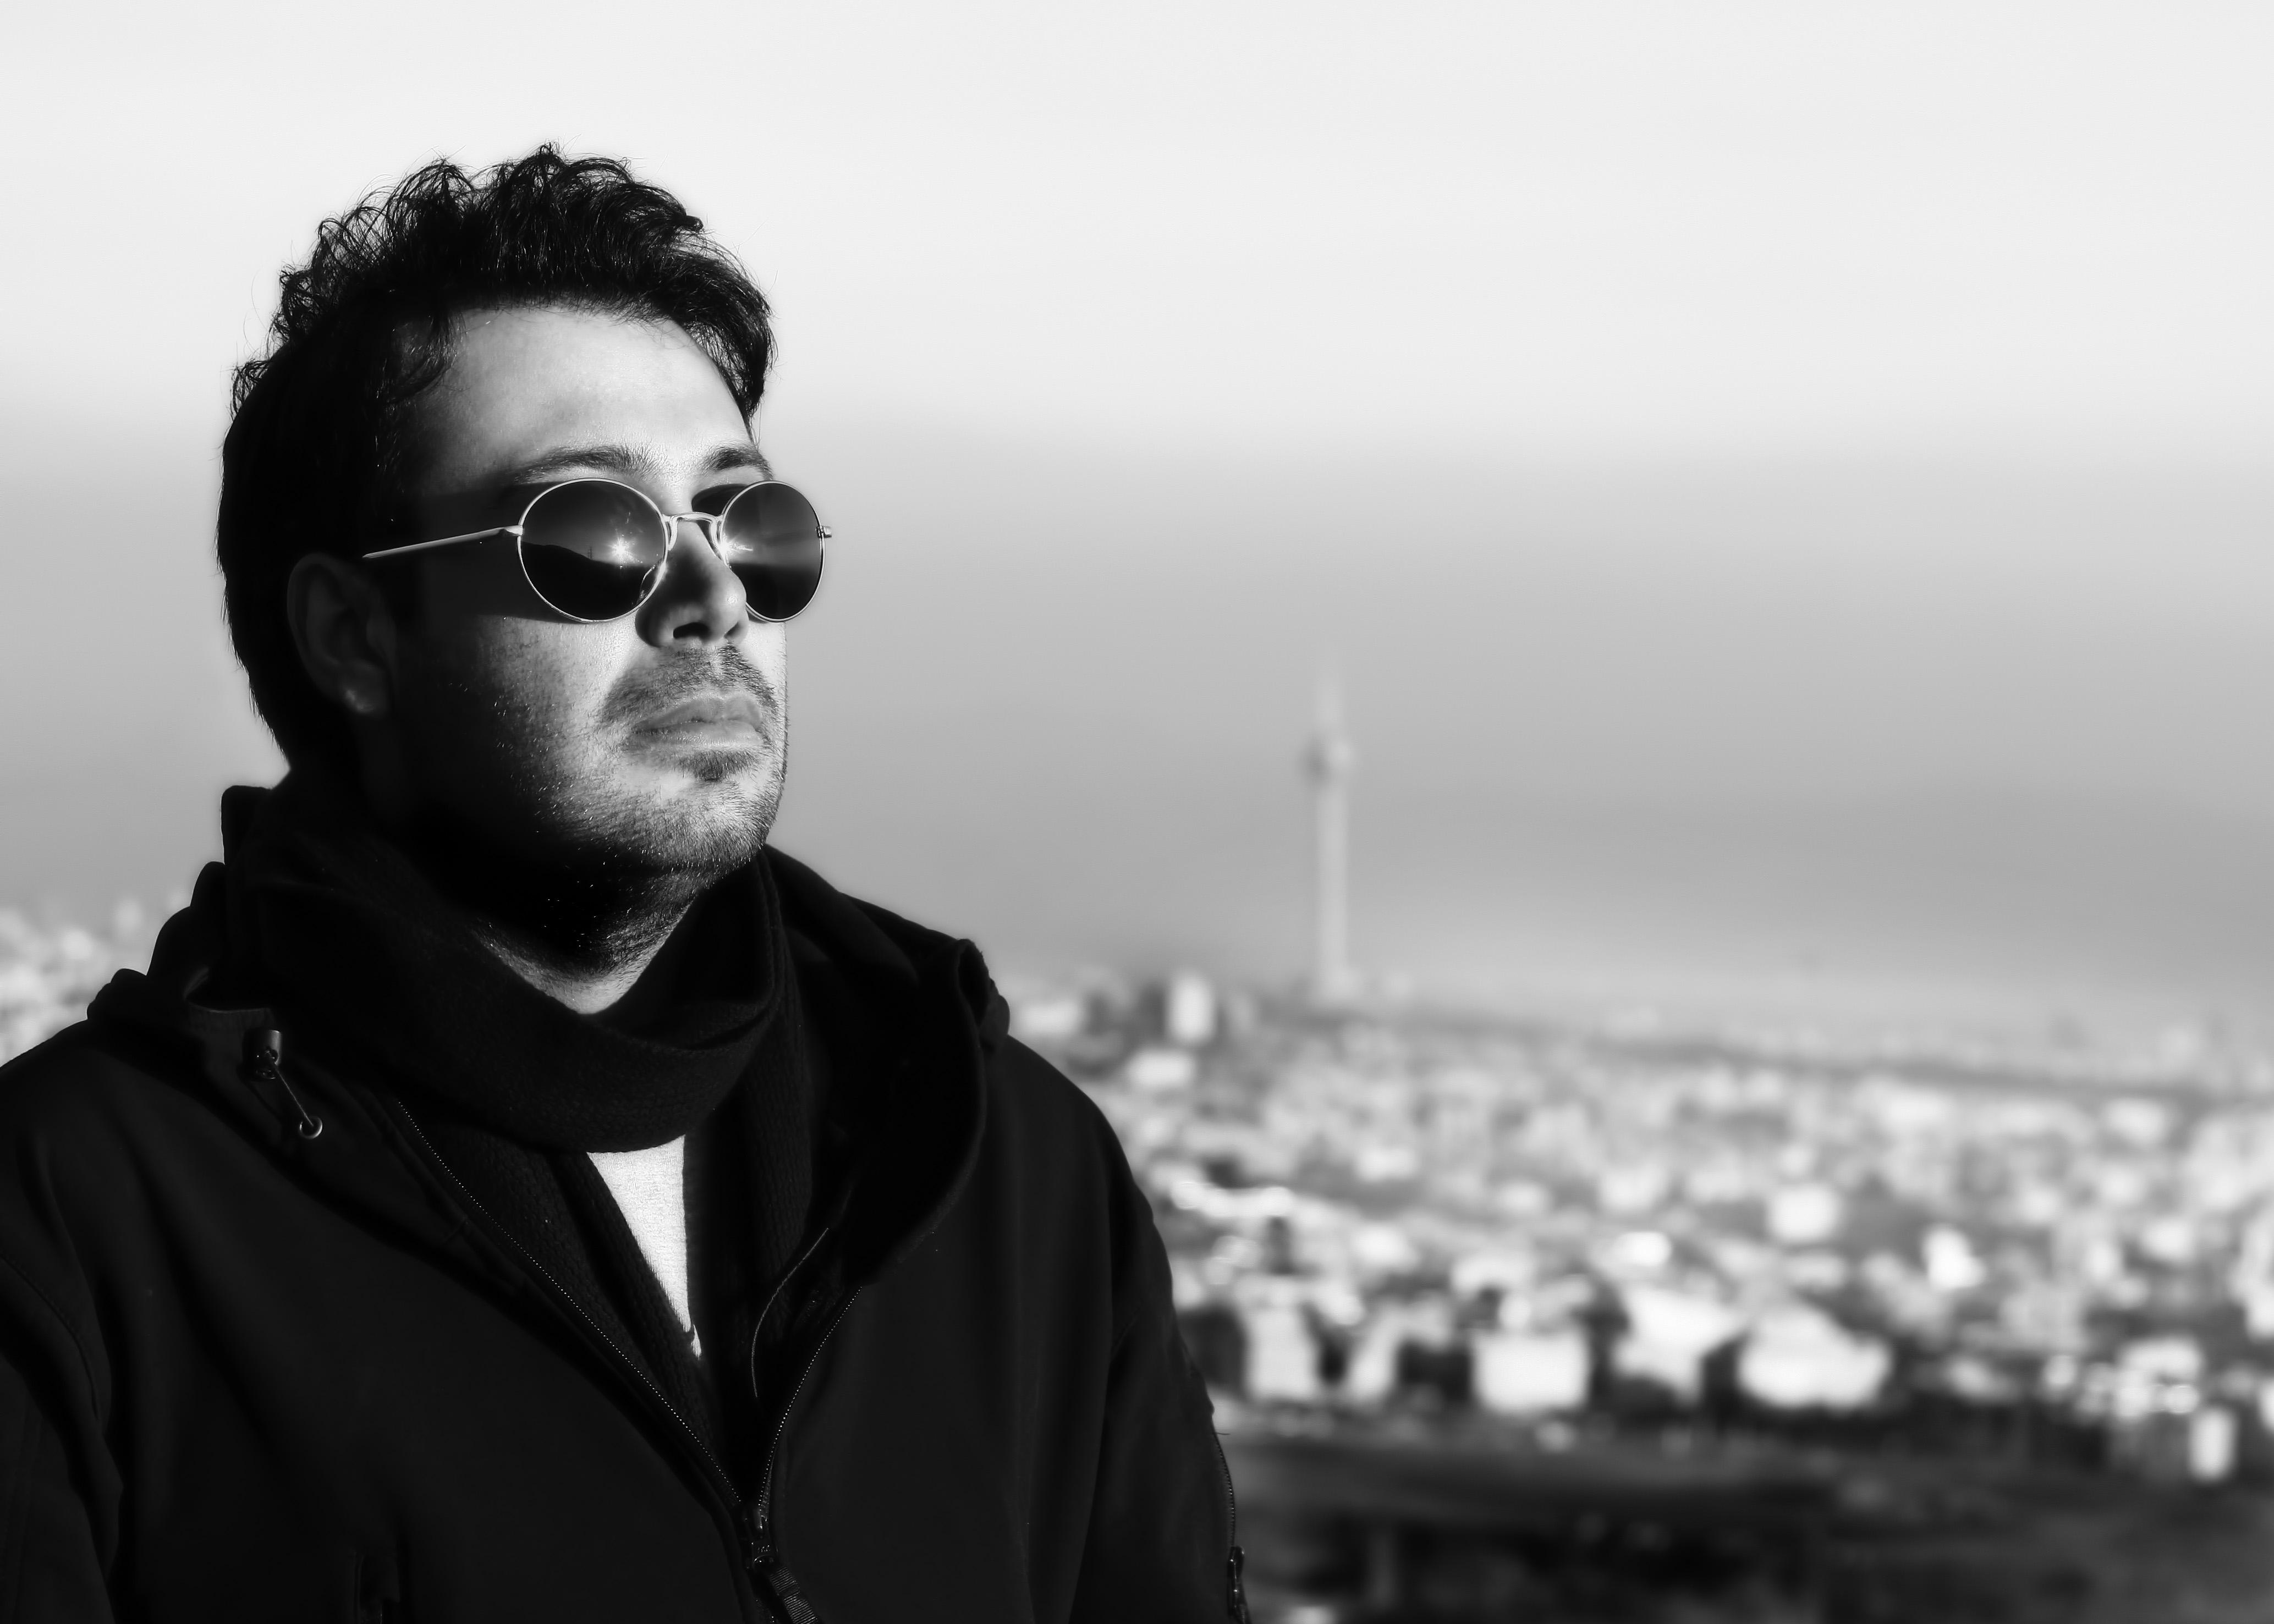 «کاش ندیده بودمت» با صدای محسن چاوشی منتشر شد +دانلود